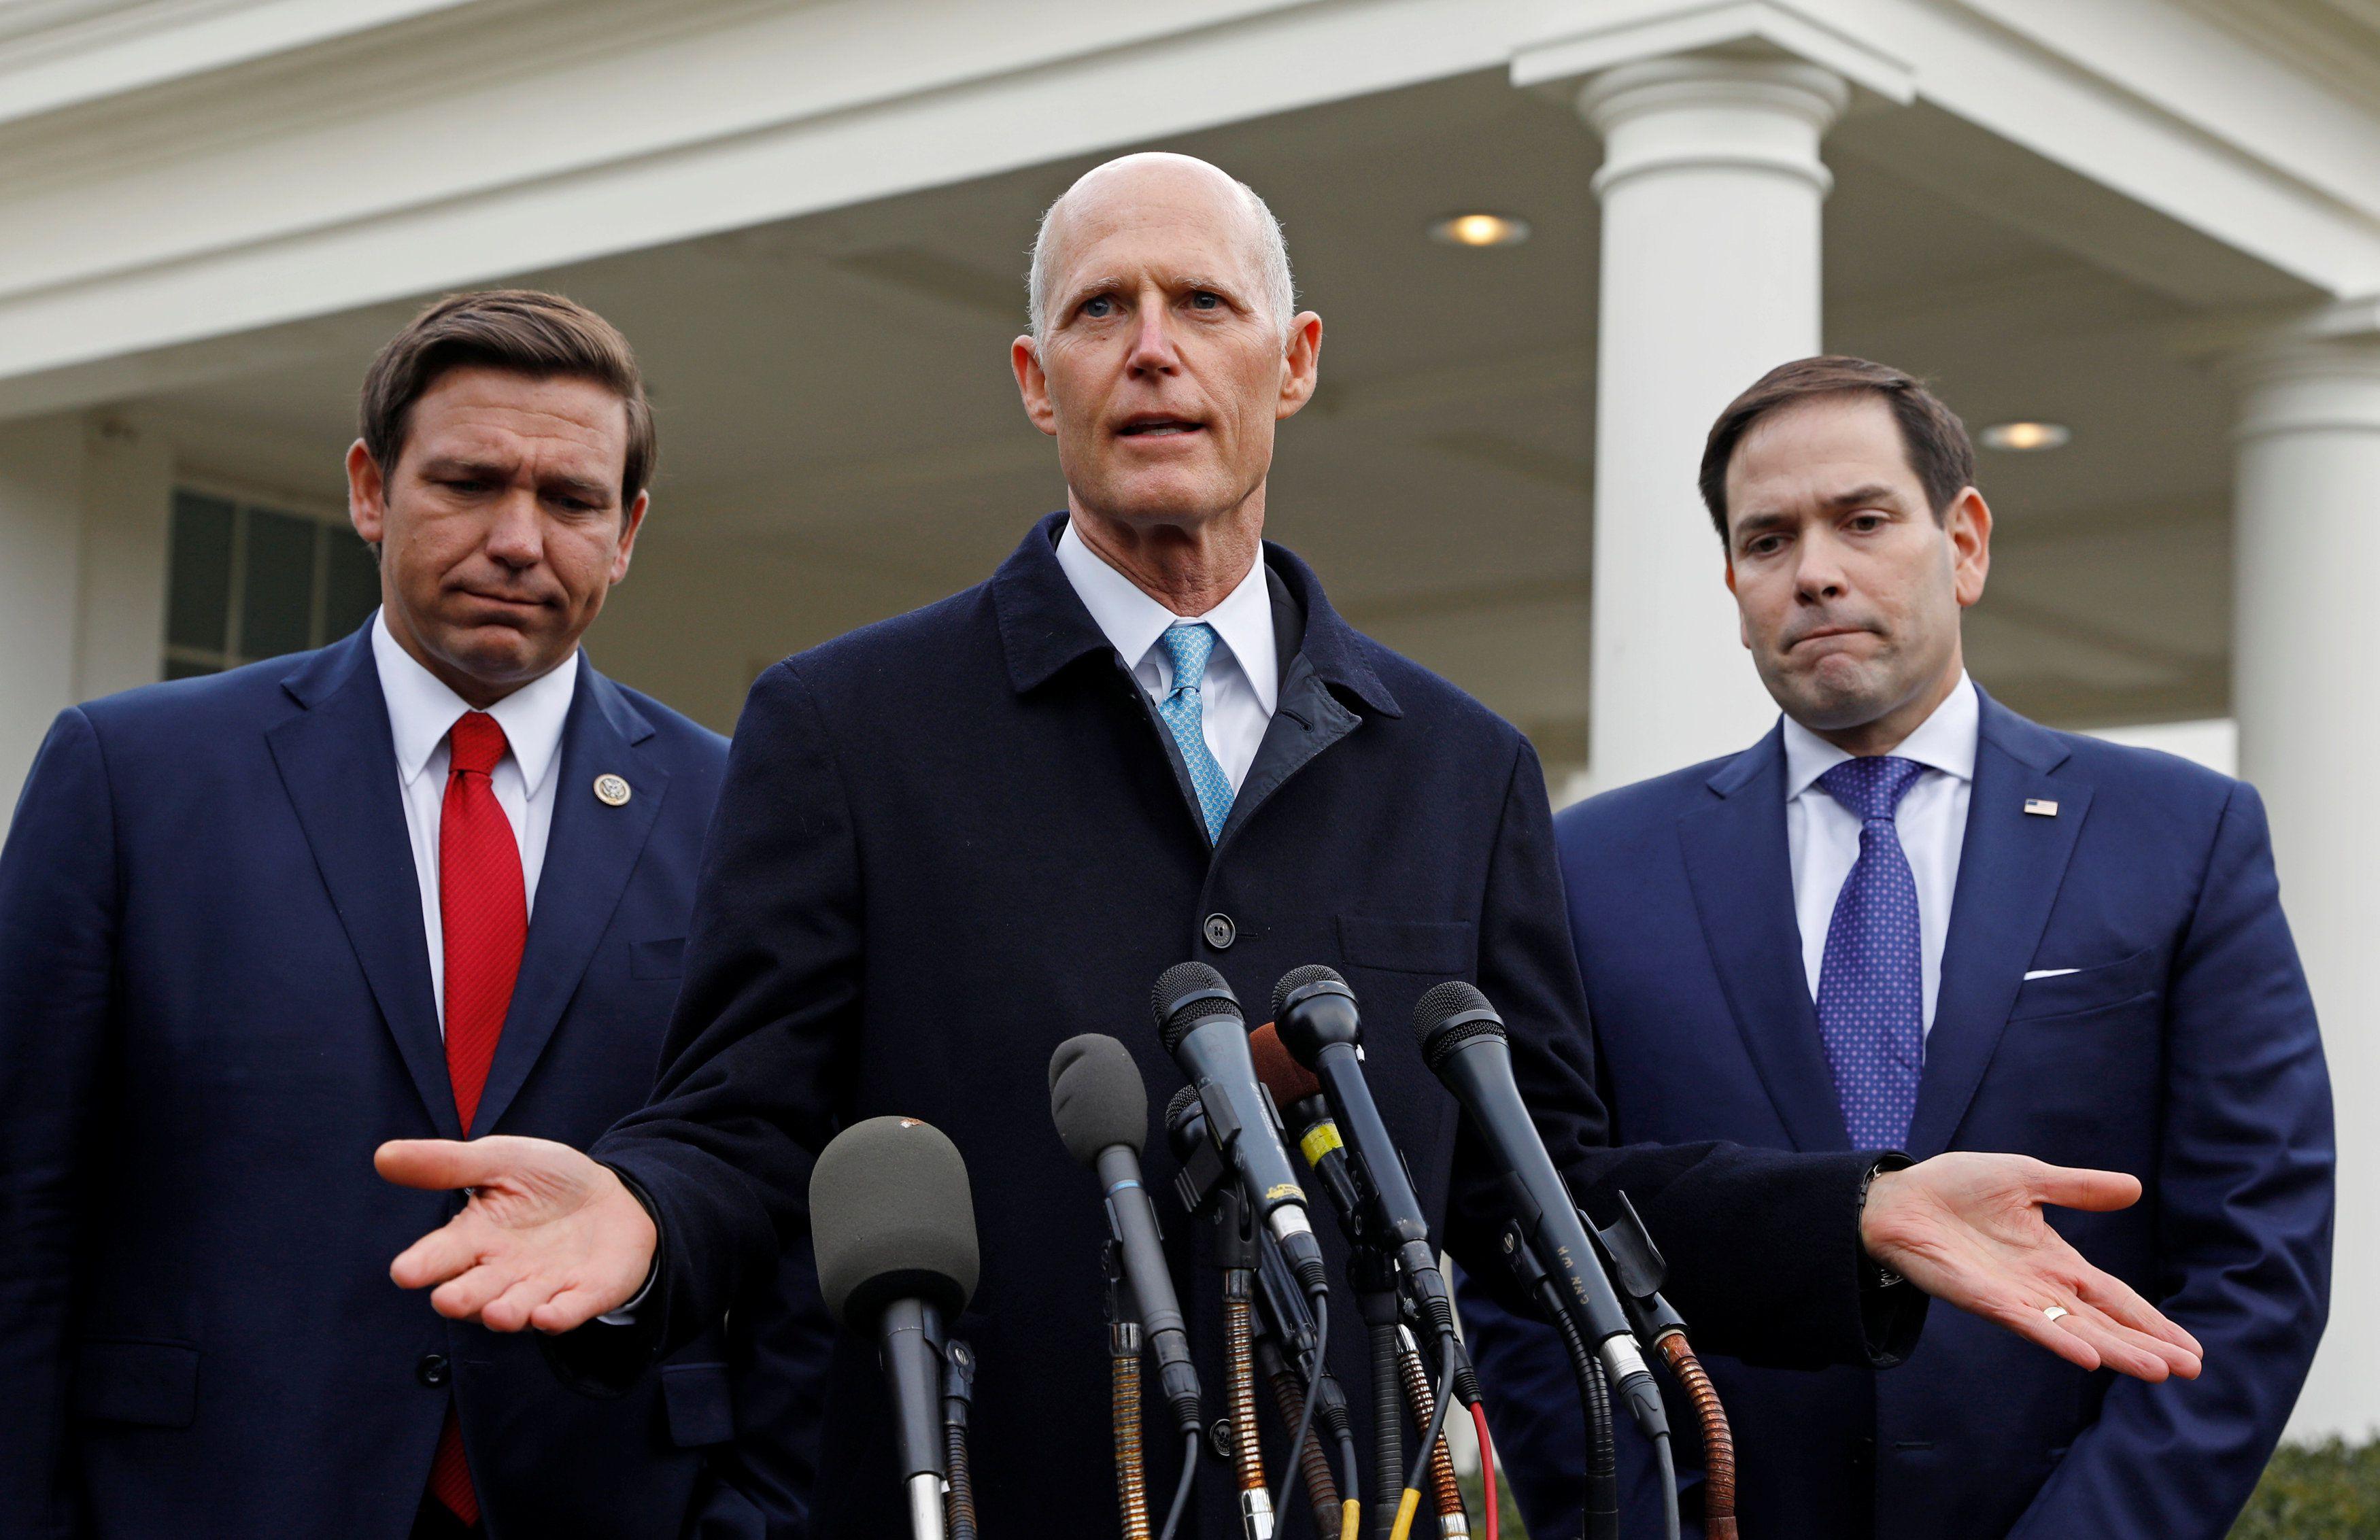 El gobernador de Florida Ron DeSantis, y los senadores de Florida Rick Scott y Marco Rubio hablan con los reporteros después de su reunión con el Presidente Donald Trump sobre Venezuela en la Casa Blanca el 22 de enero de 2019 (REUTERS/Kevin Lamarque)